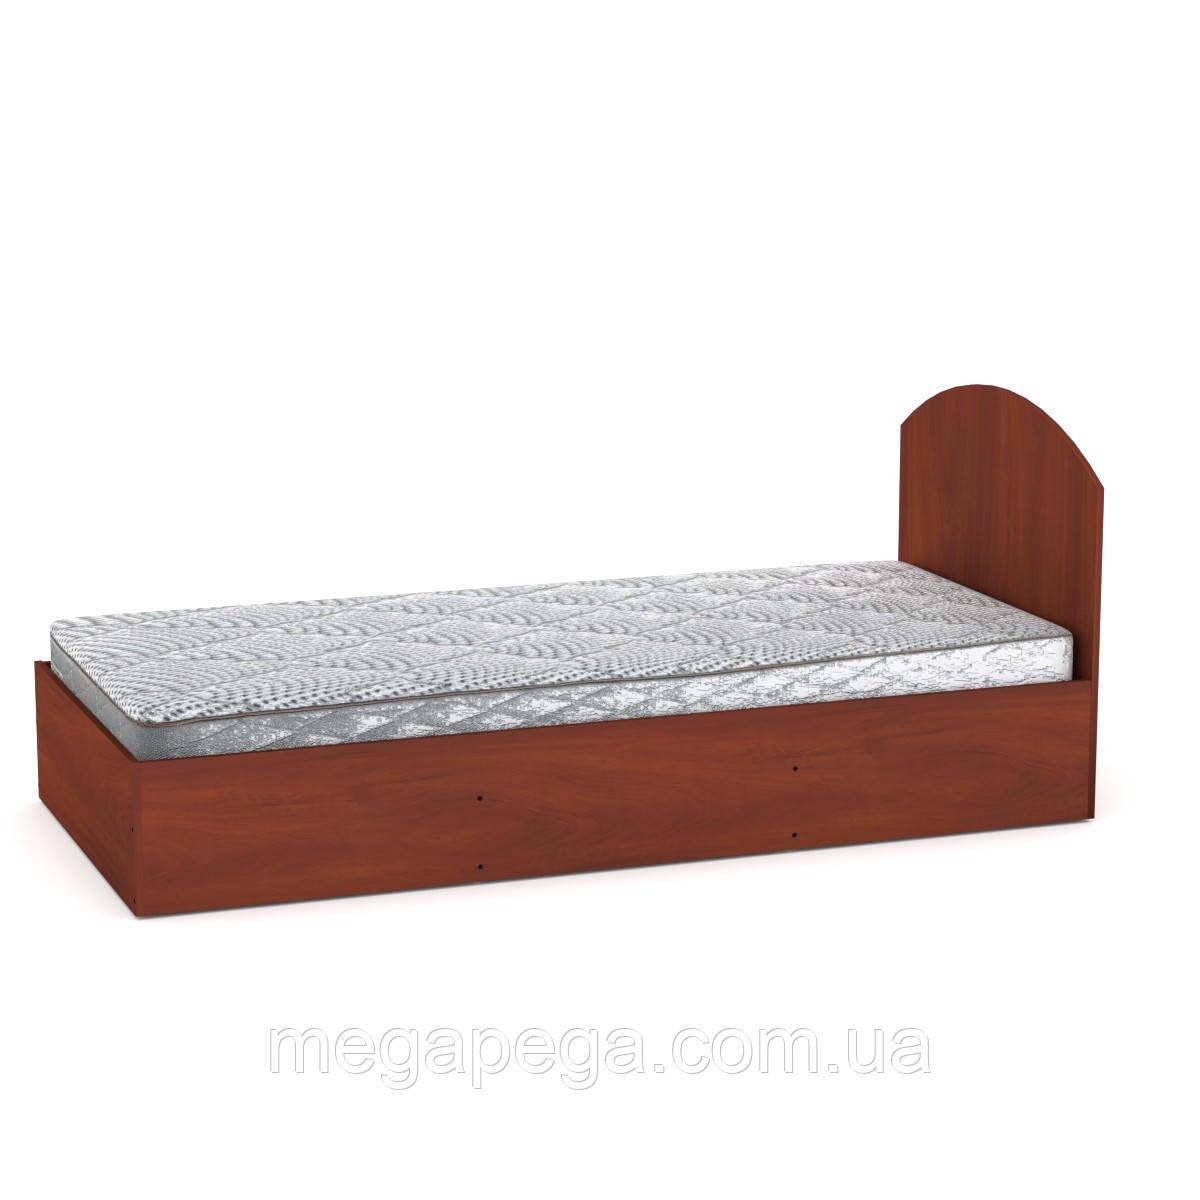 Ліжко-90